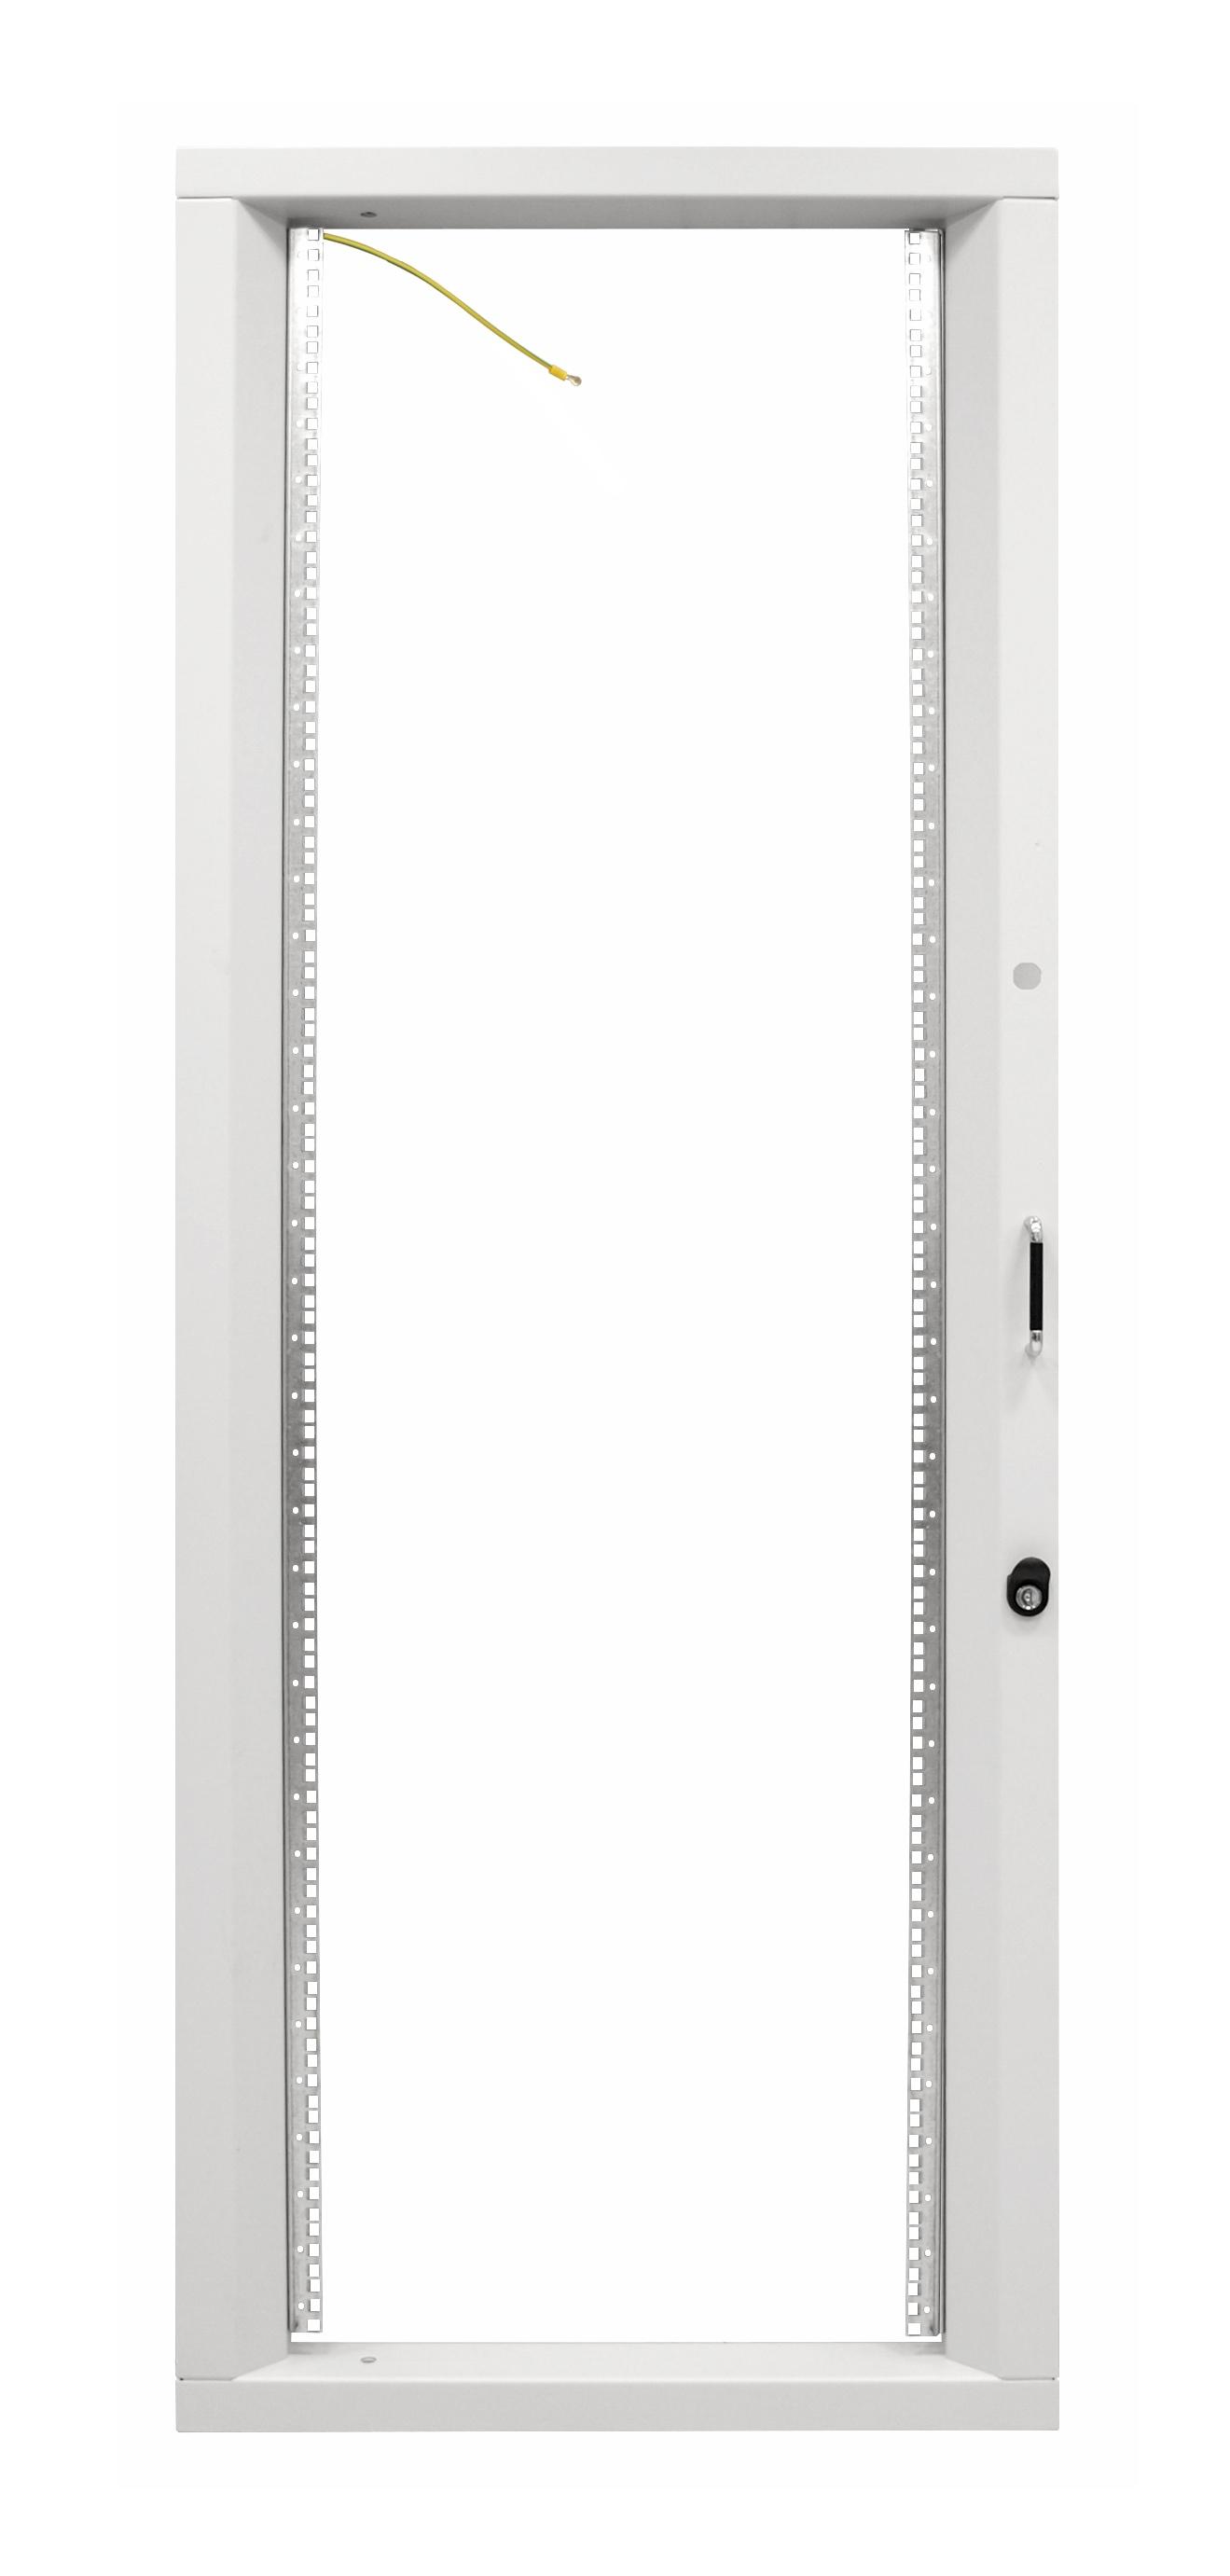 1 Stk Schwenkrahmen 19, 37HE für DS-/DSZ-Schrank 42HE 800 Breite HDSSON0024